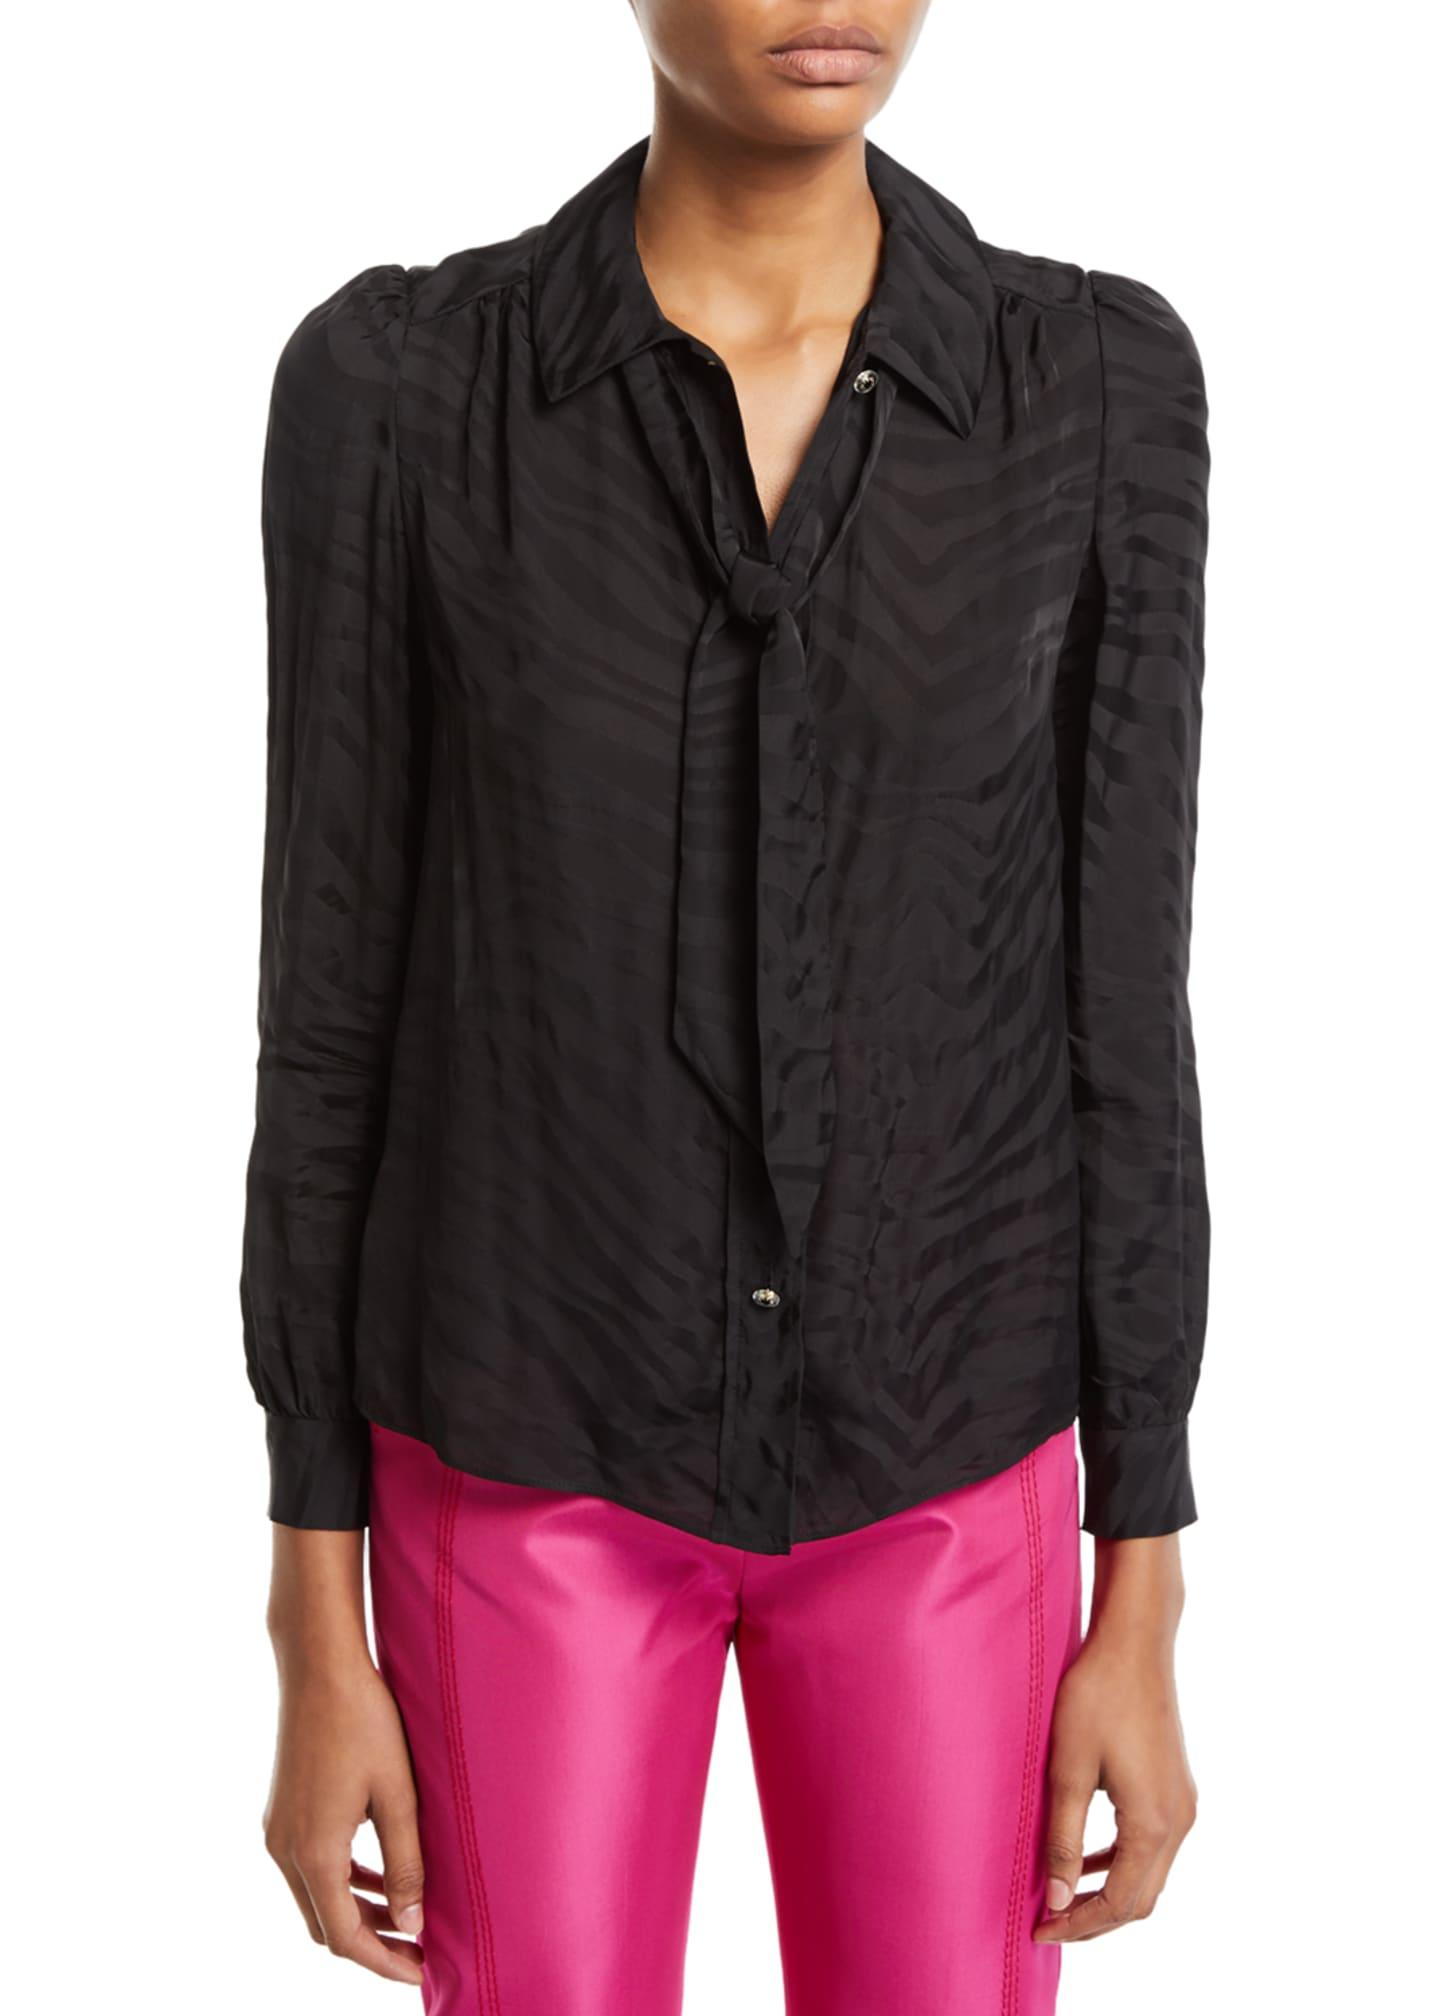 Carmen March Tie-Neck Zebra Jacquard Button-Front Blouse